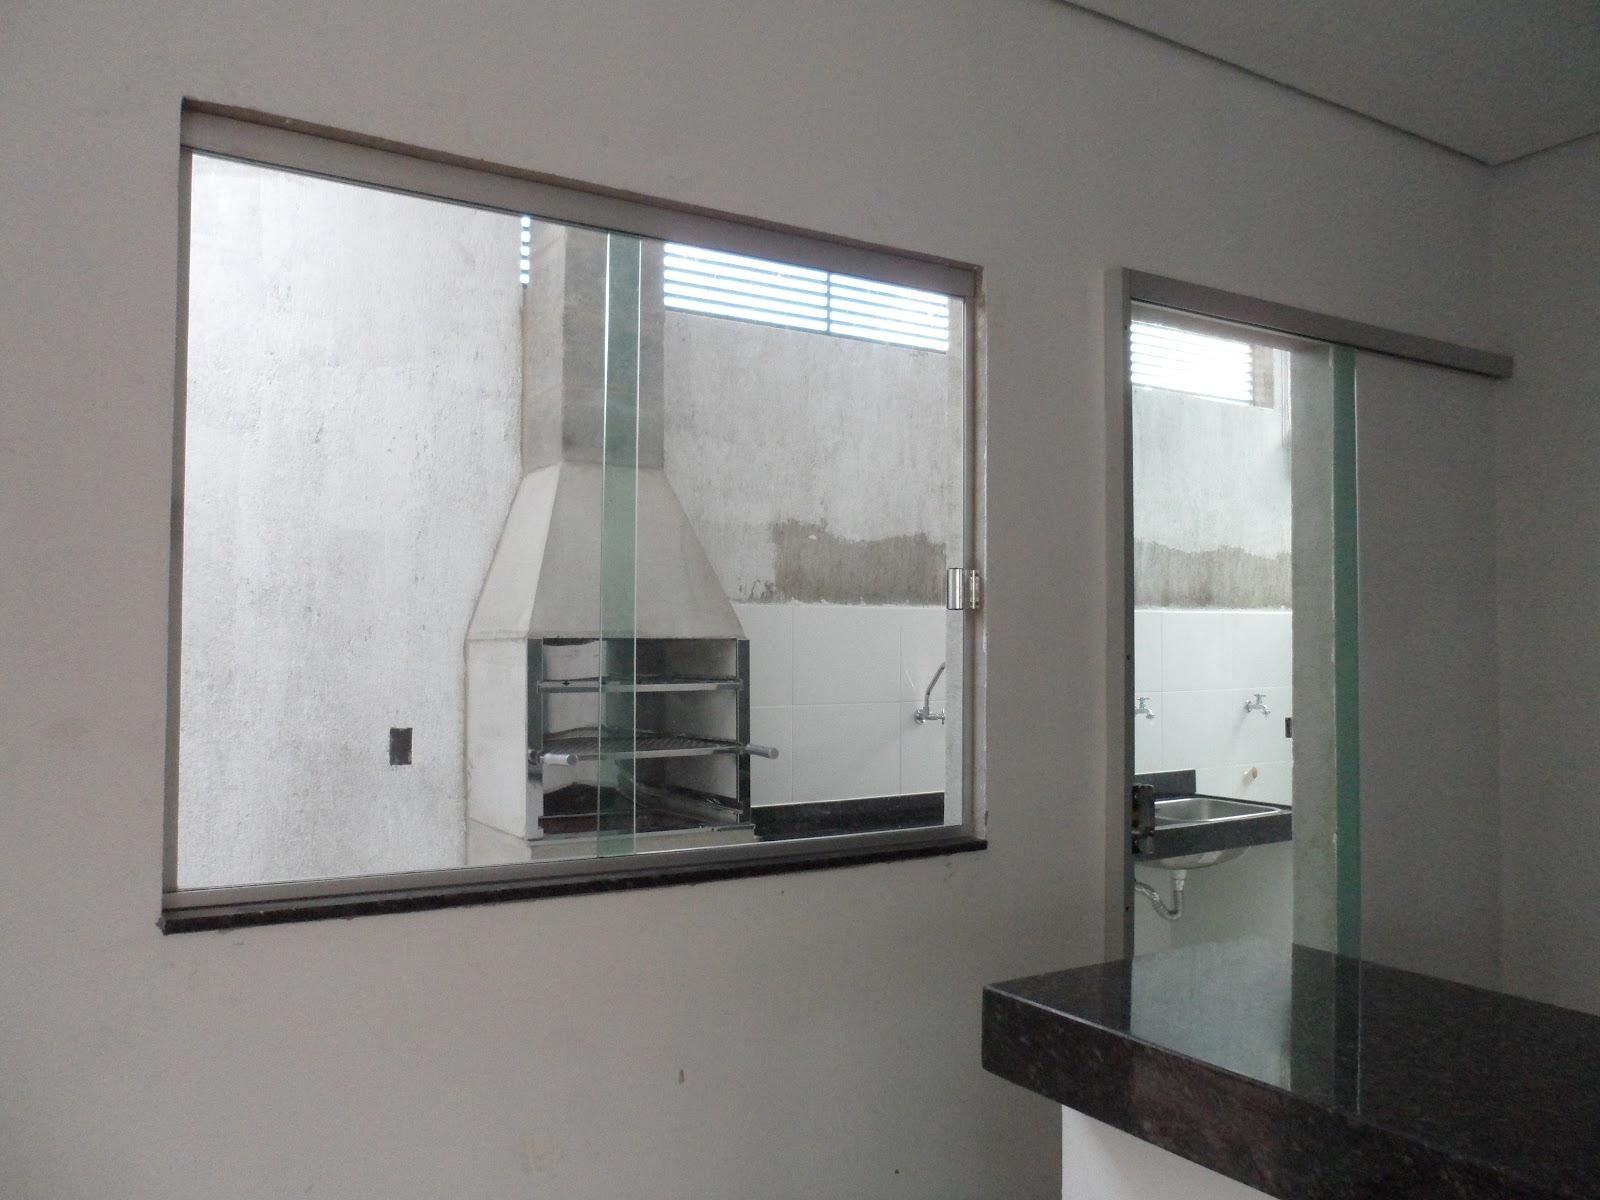 DIÁRIO DE CONSTRUÇÃO DE UMA CASA PEQUENA: REVISÃO DA SEMANA  #5E696D 1600x1200 Banheiro Com Janela Interna